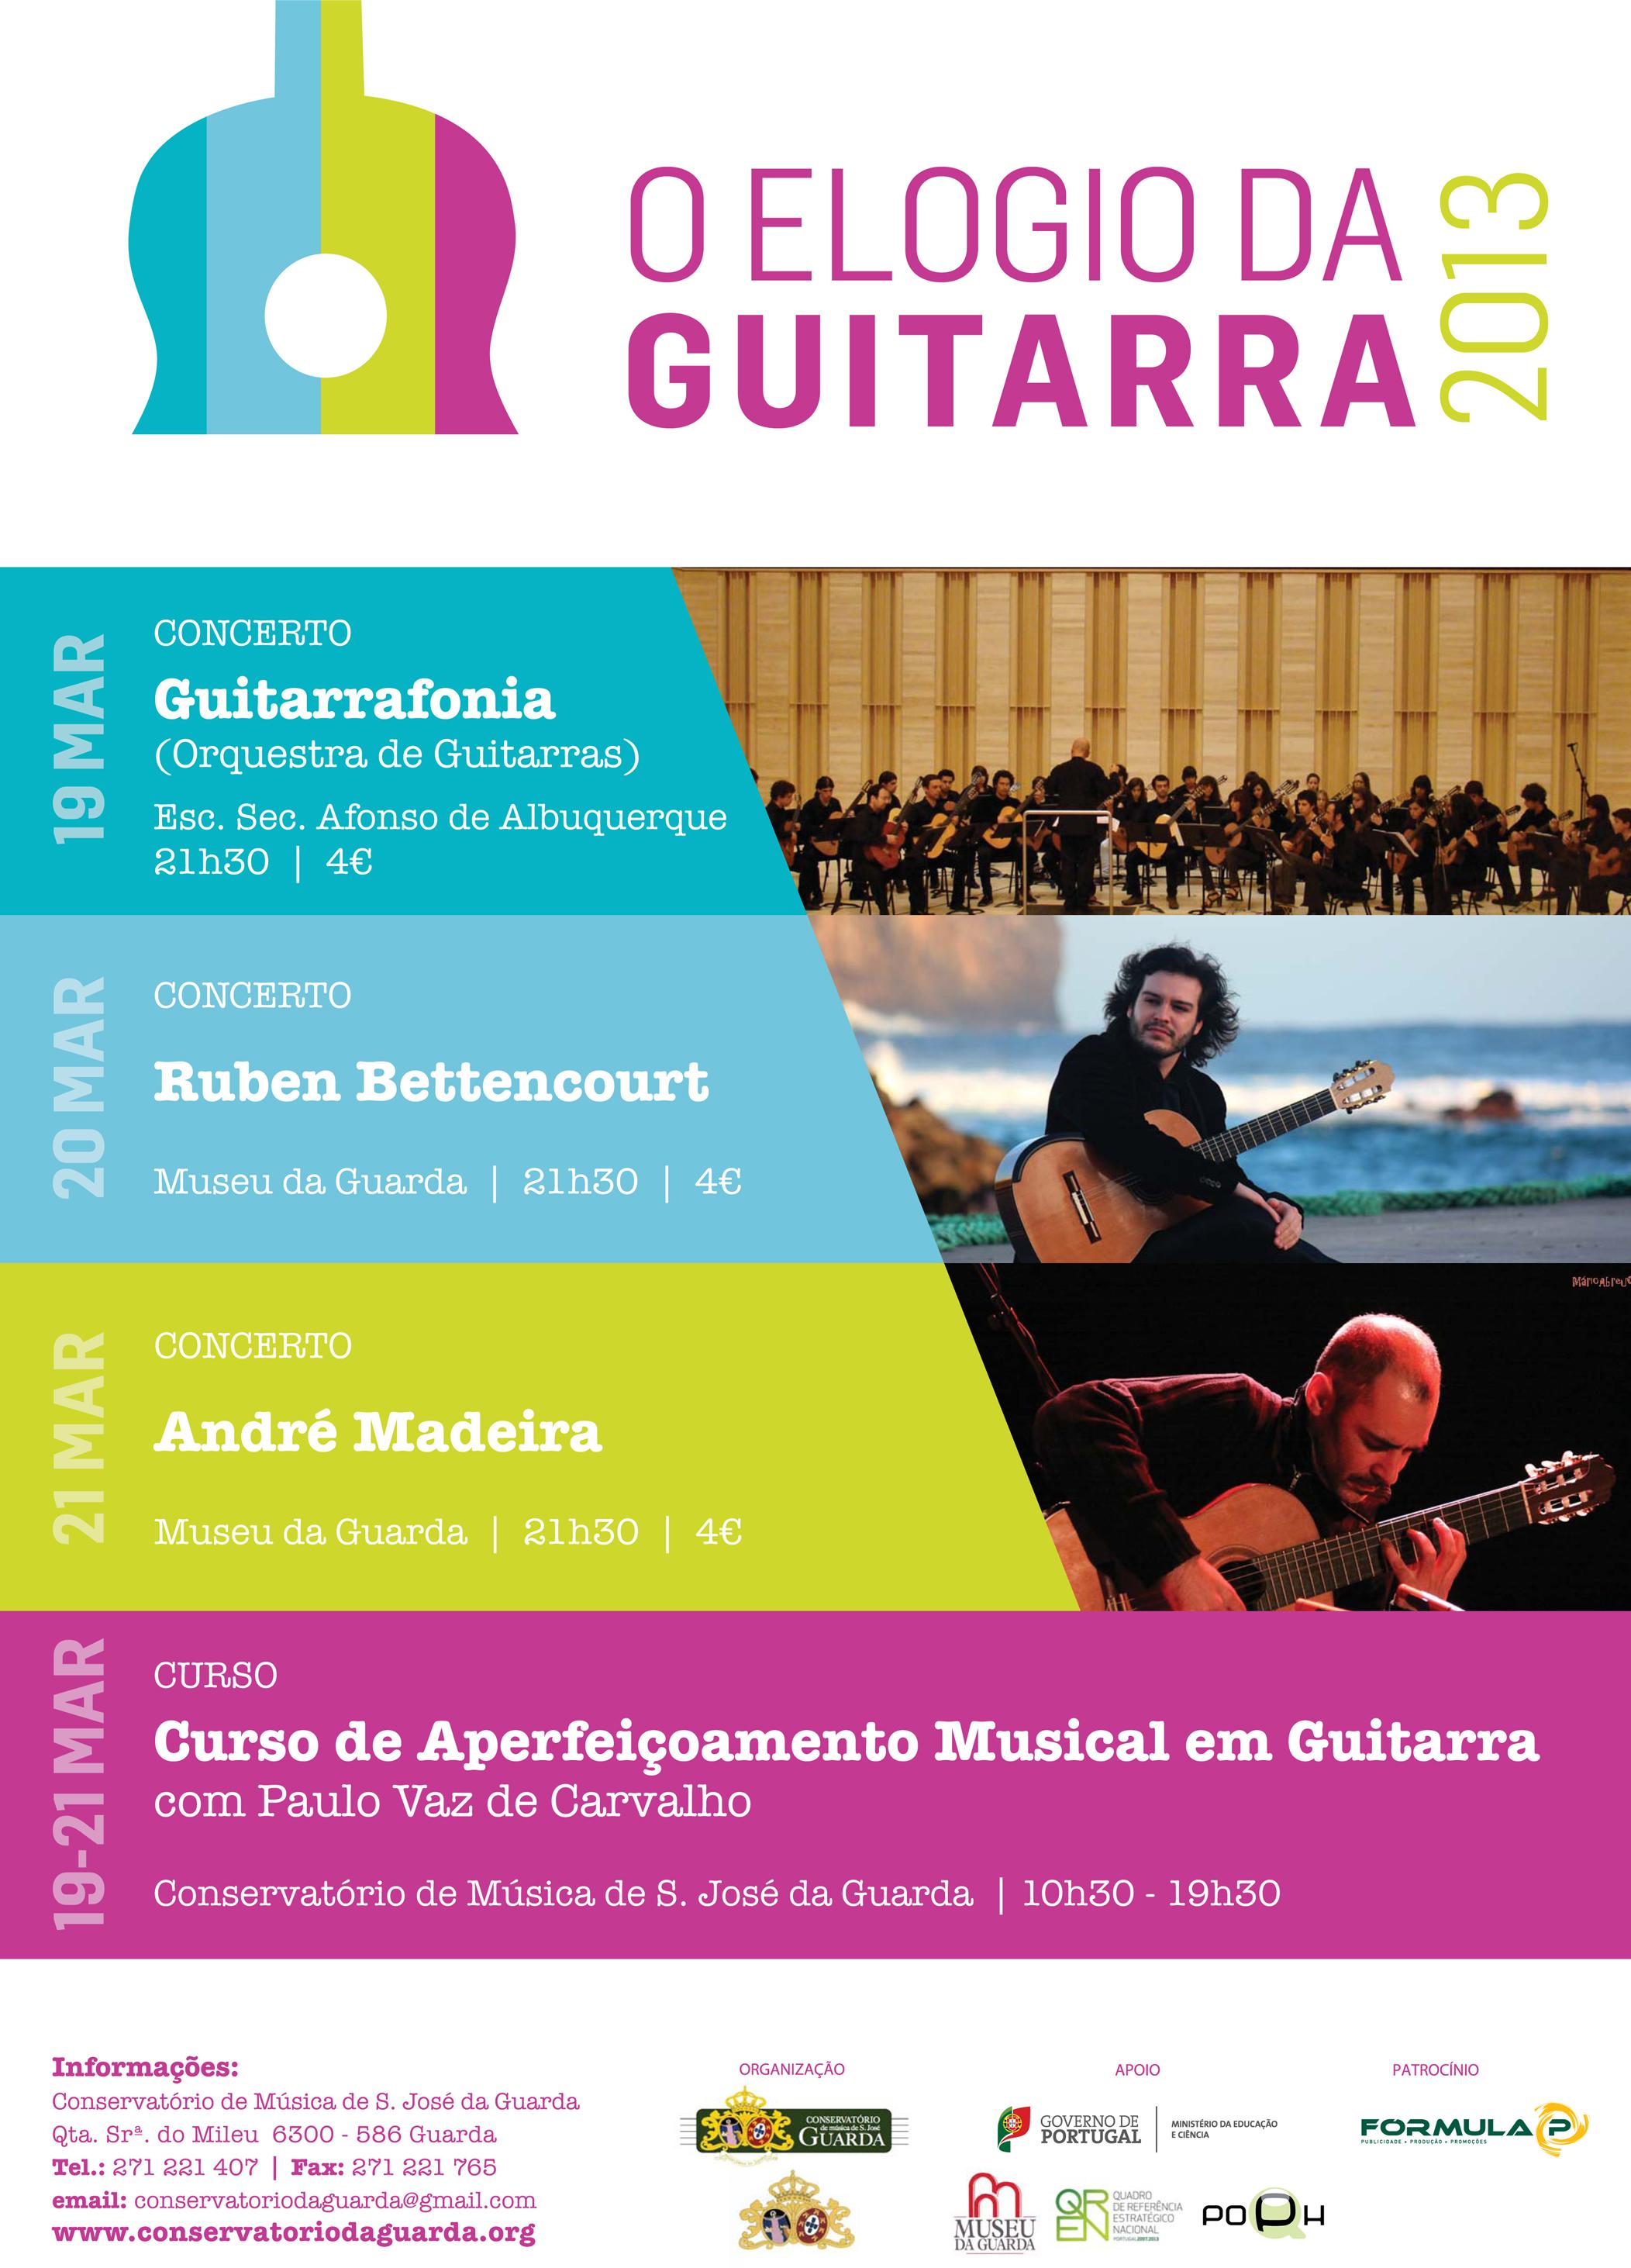 O Elogio da Guitarra 2013